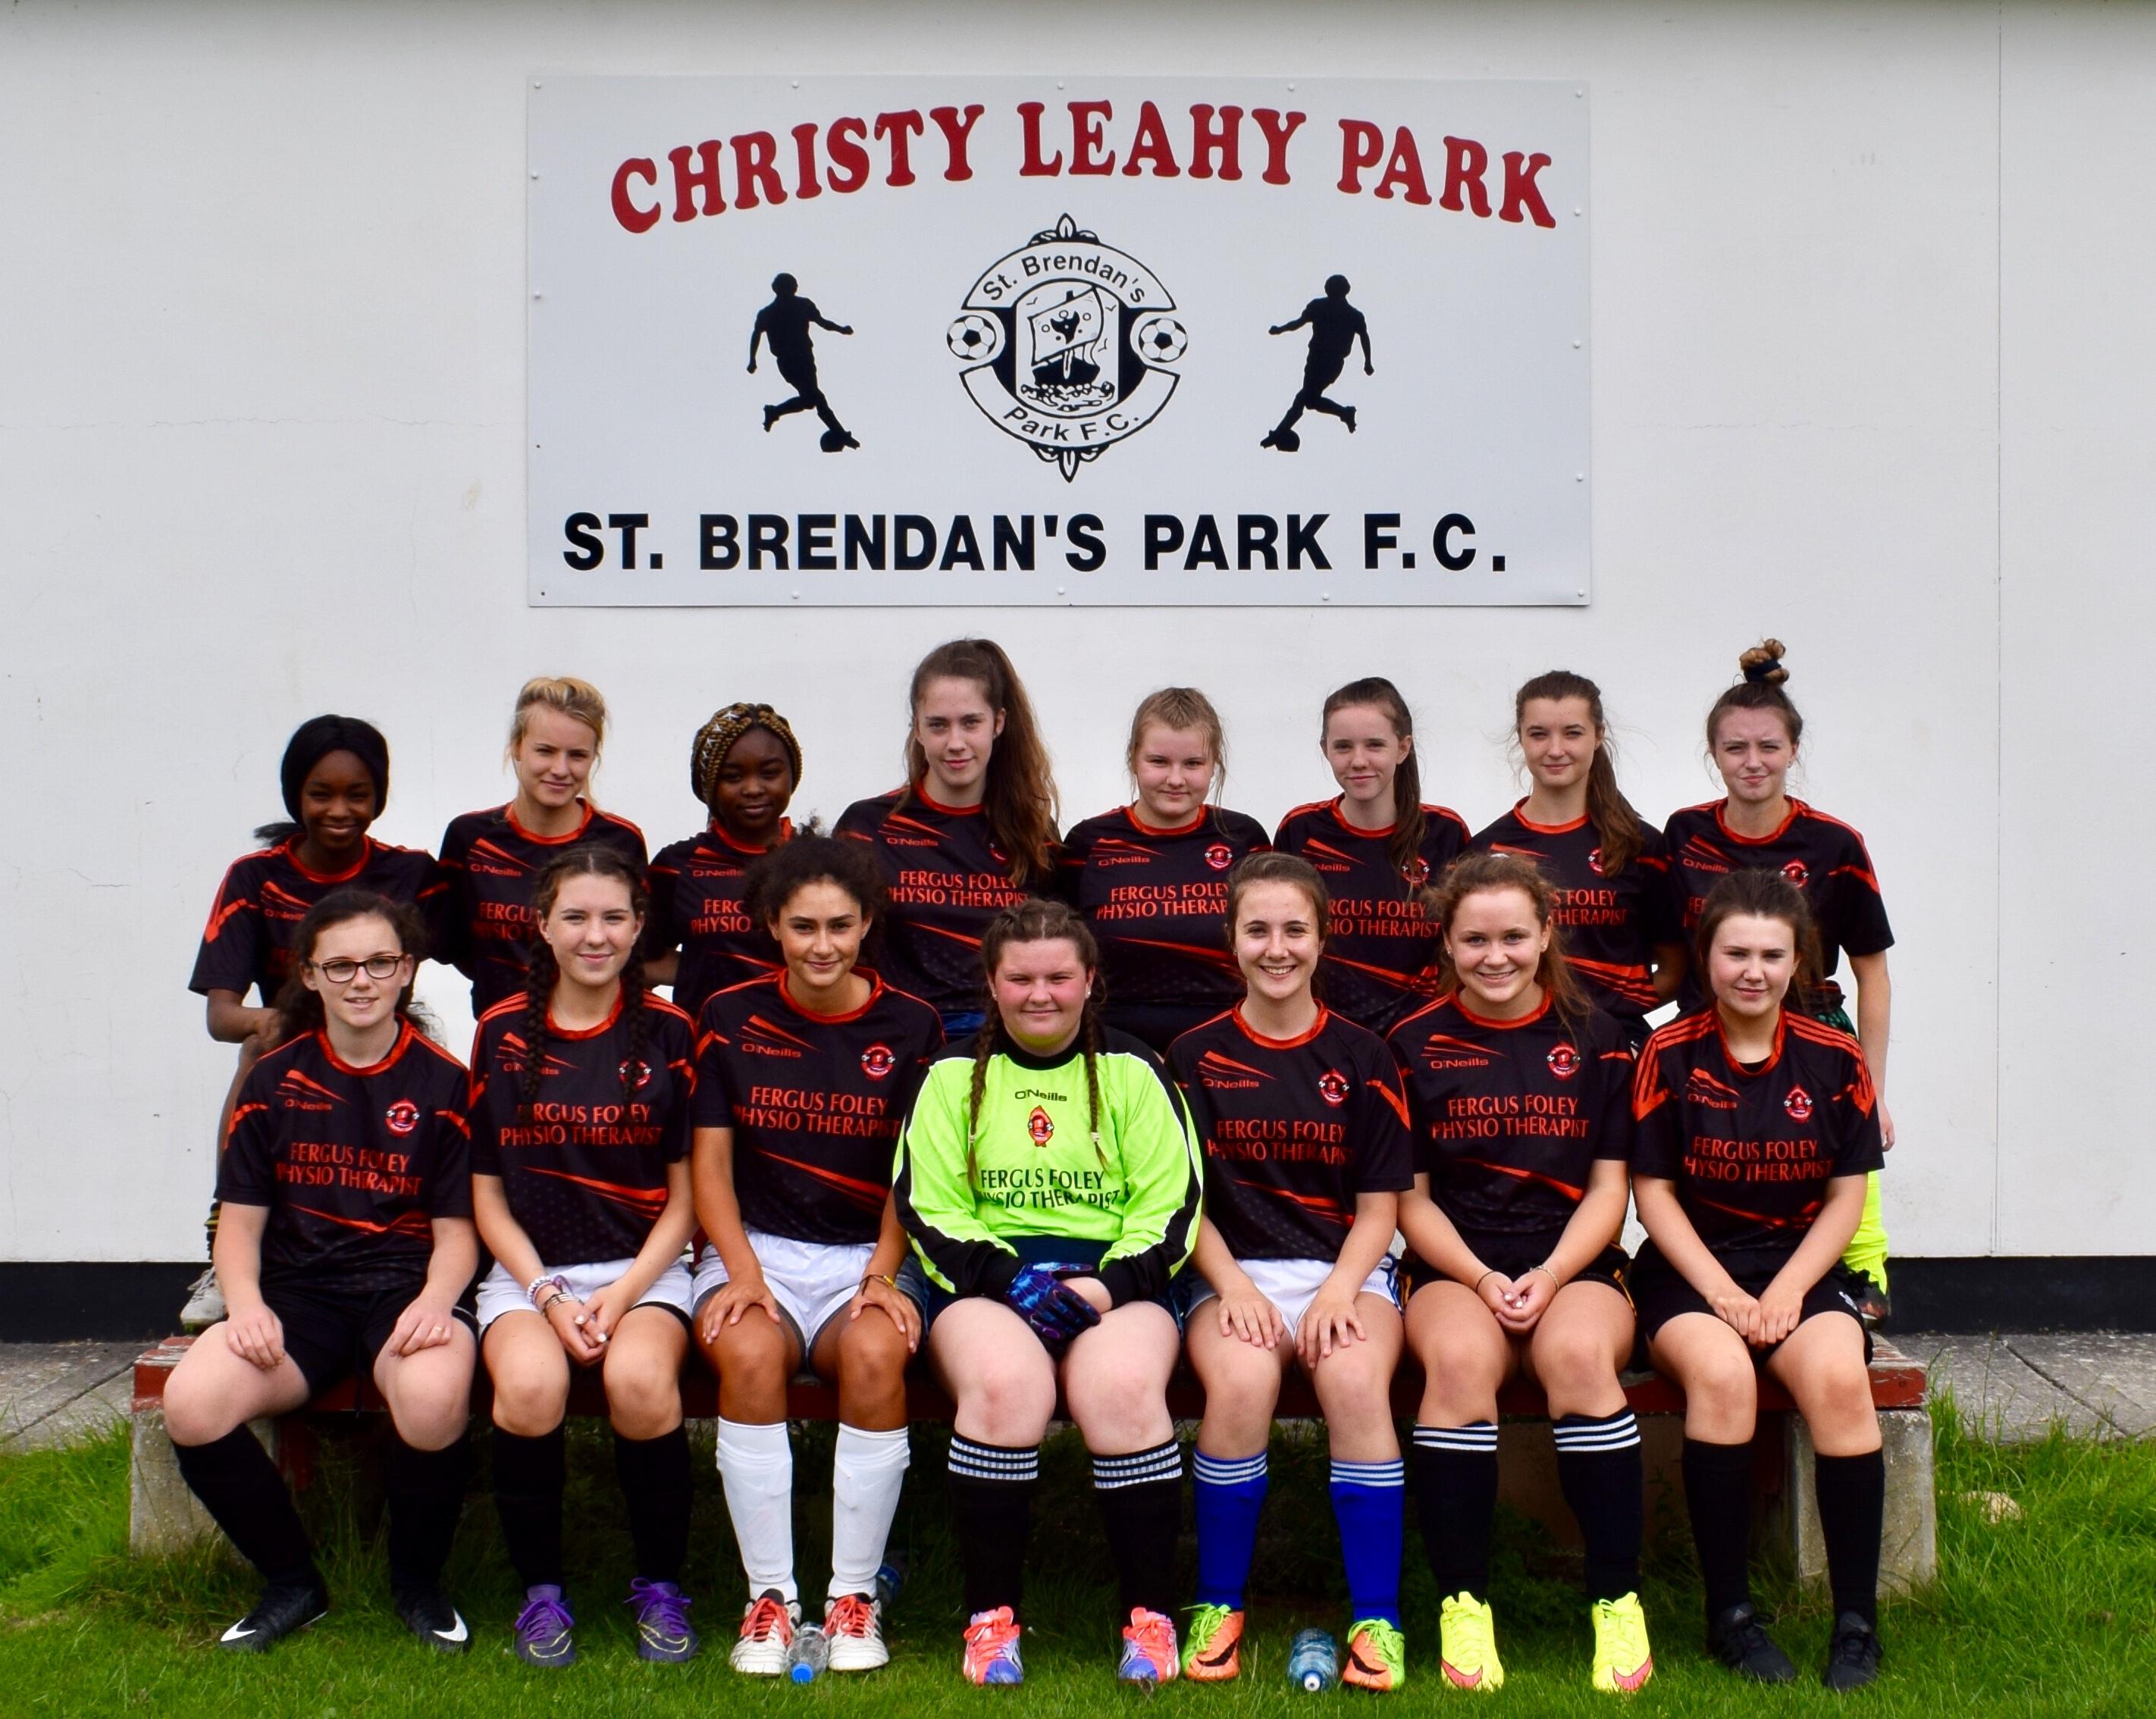 d1ed2af4d40 St. Brendan s Park FC ladies team 2018